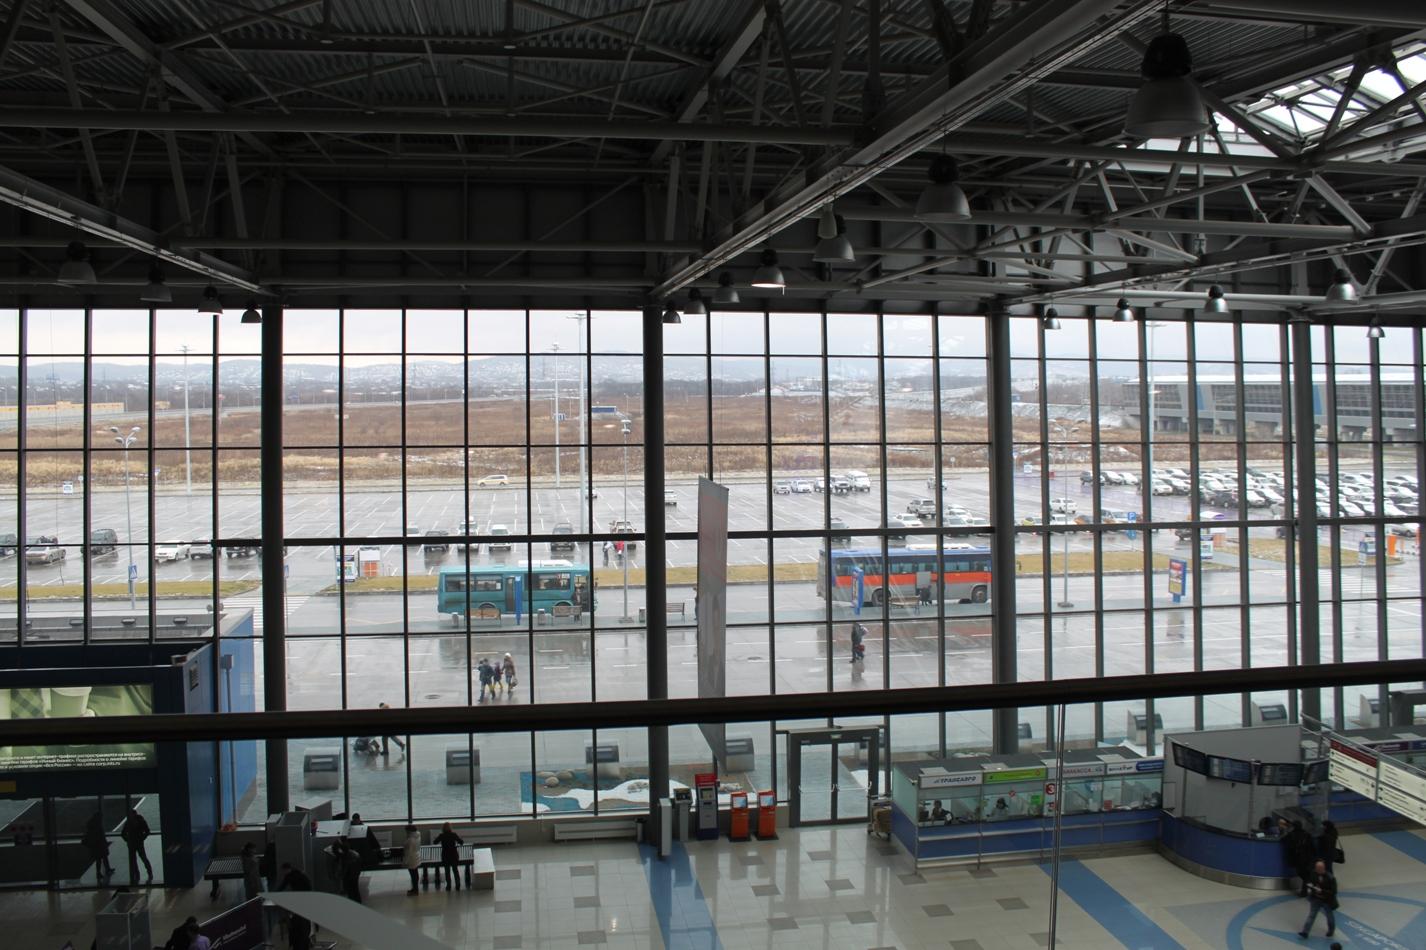 Первый этаж и привокзальная площадь аэропорта Владивосток